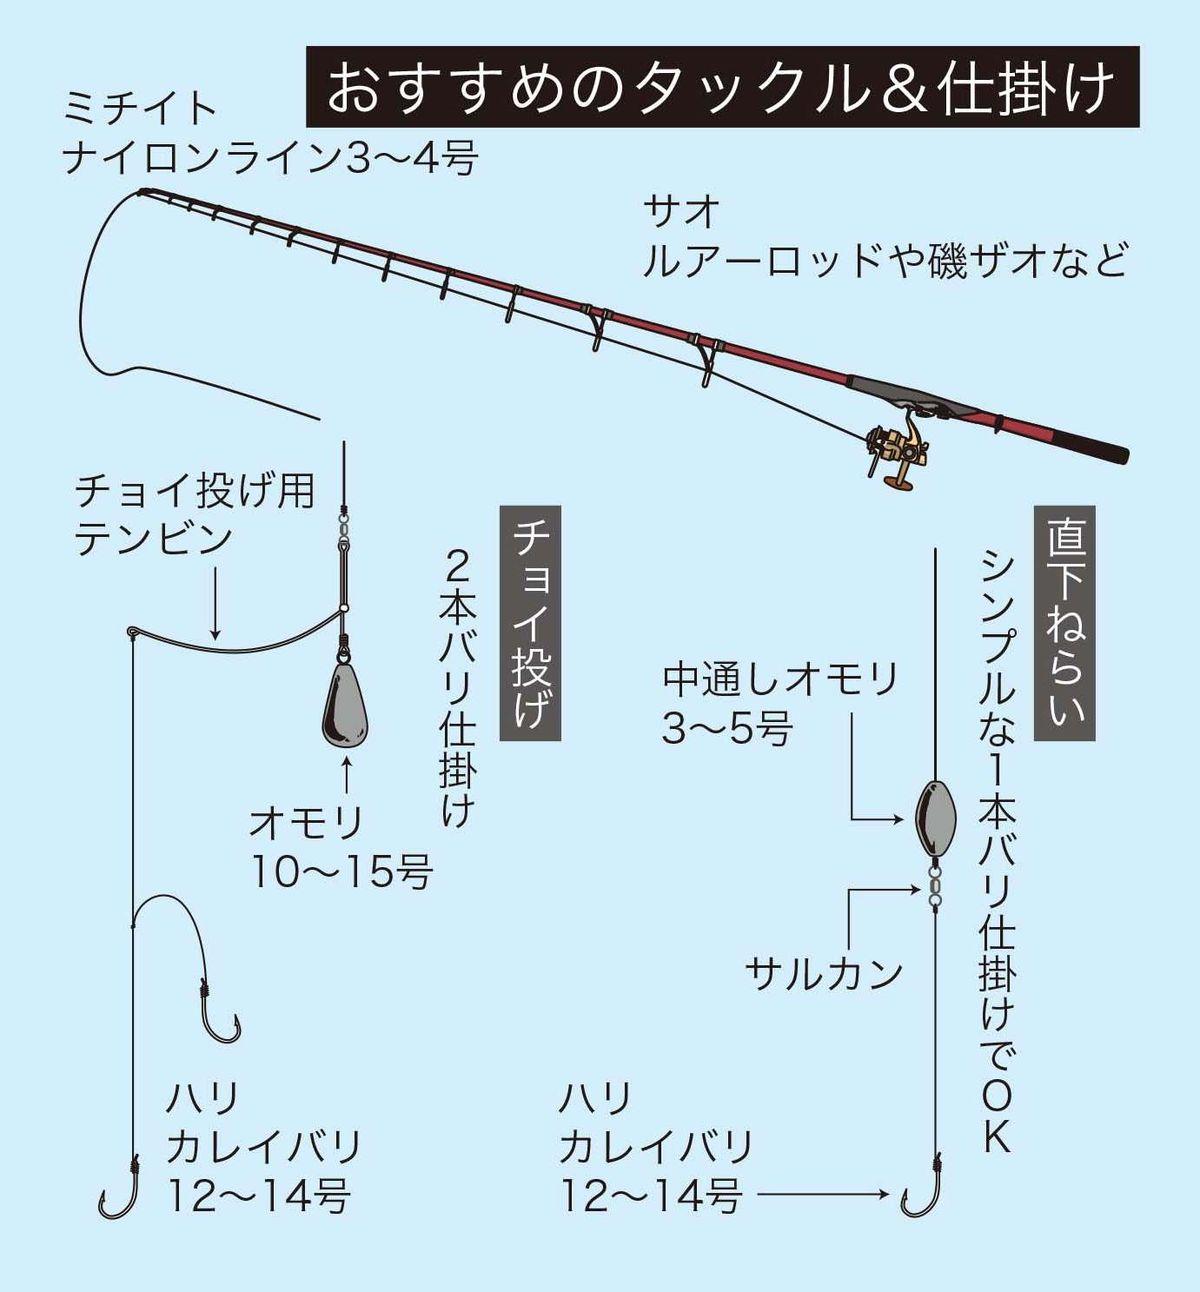 092-103_zenkokutsuriba04-2_cs6 (5)